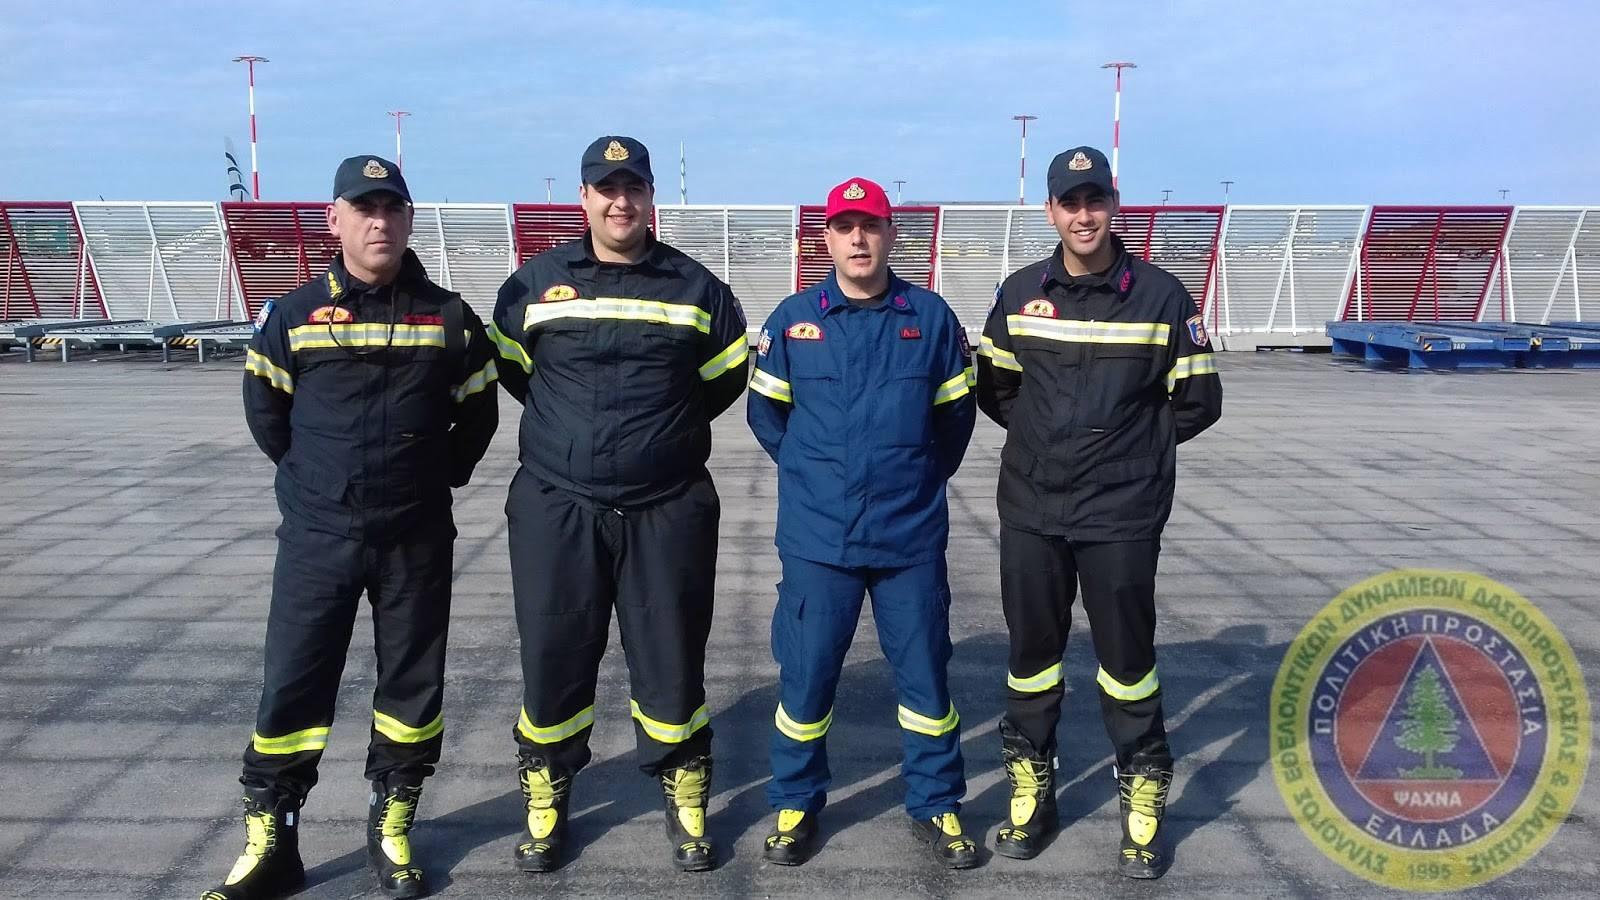 Εθελοντές του ΣΕΔΔΔ Ψαχνών έφεραν το «Άγιο φως» από το αεροδρόμιο σε Χαλκίδα-Μακρυμάλλη και Ψαχνά 6 1